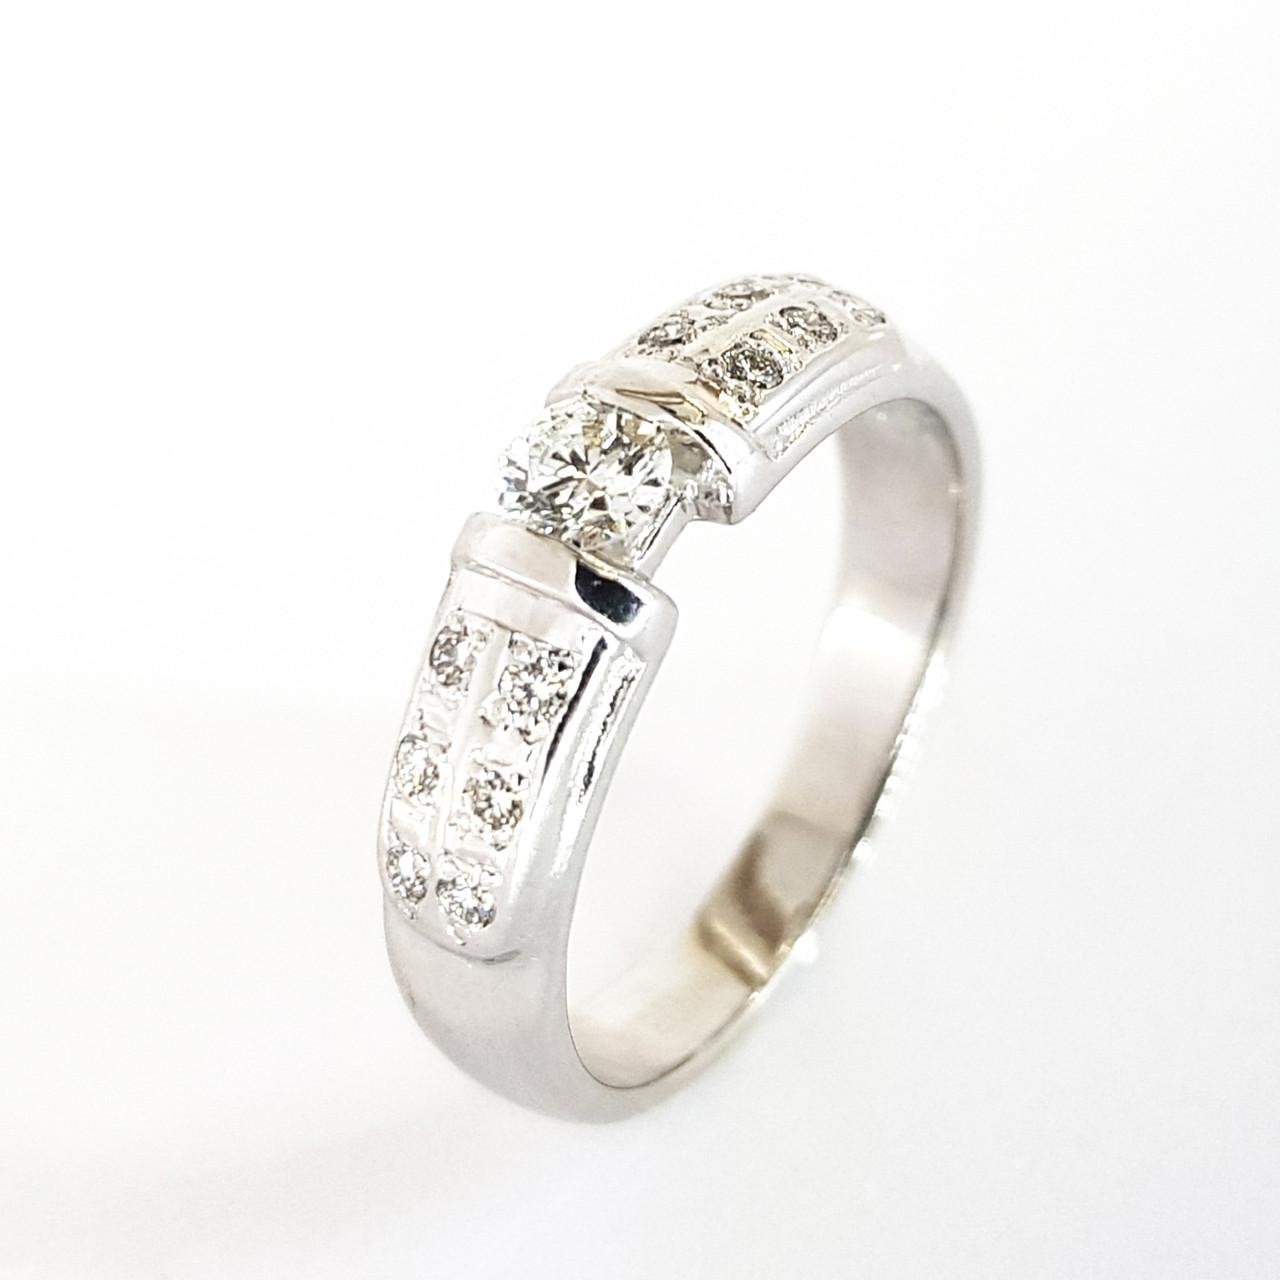 Золотое кольцо из белого золота с бриллиантами дорожка 16.5 размер